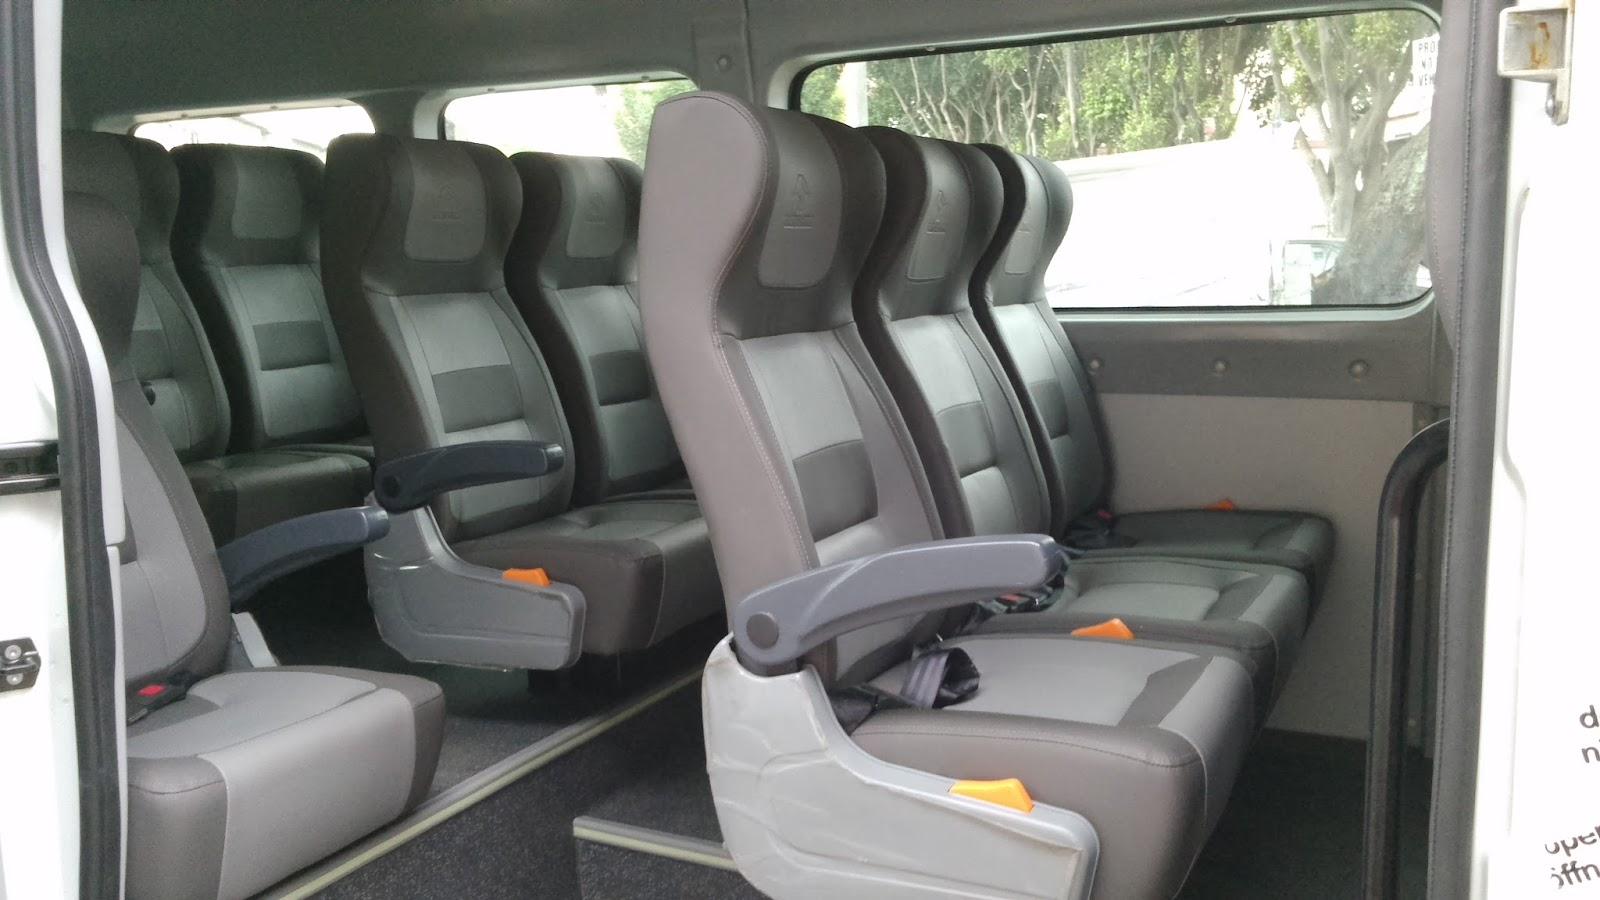 Fabriherrajes y tapiceria sillas para buses y busetas - Espuma para tapizar sillas ...